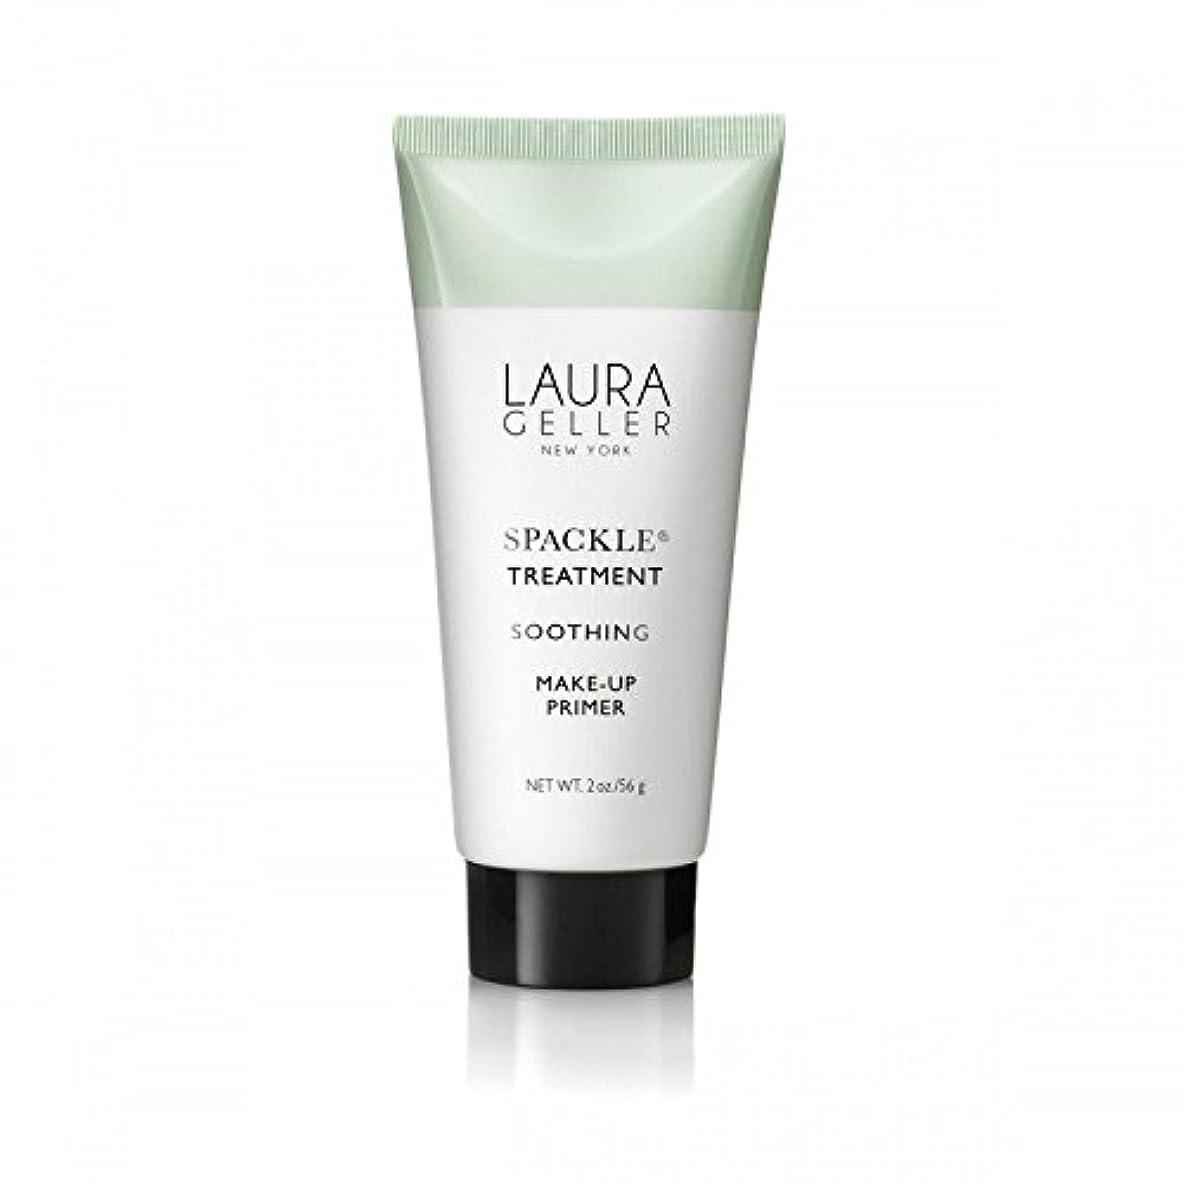 リダクター哲学メディカルLaura Geller Spackle Treatment Under Make-Up Primer Soothing - メイクアッププライマー癒しの下のローラ?ゲラー 処理 [並行輸入品]